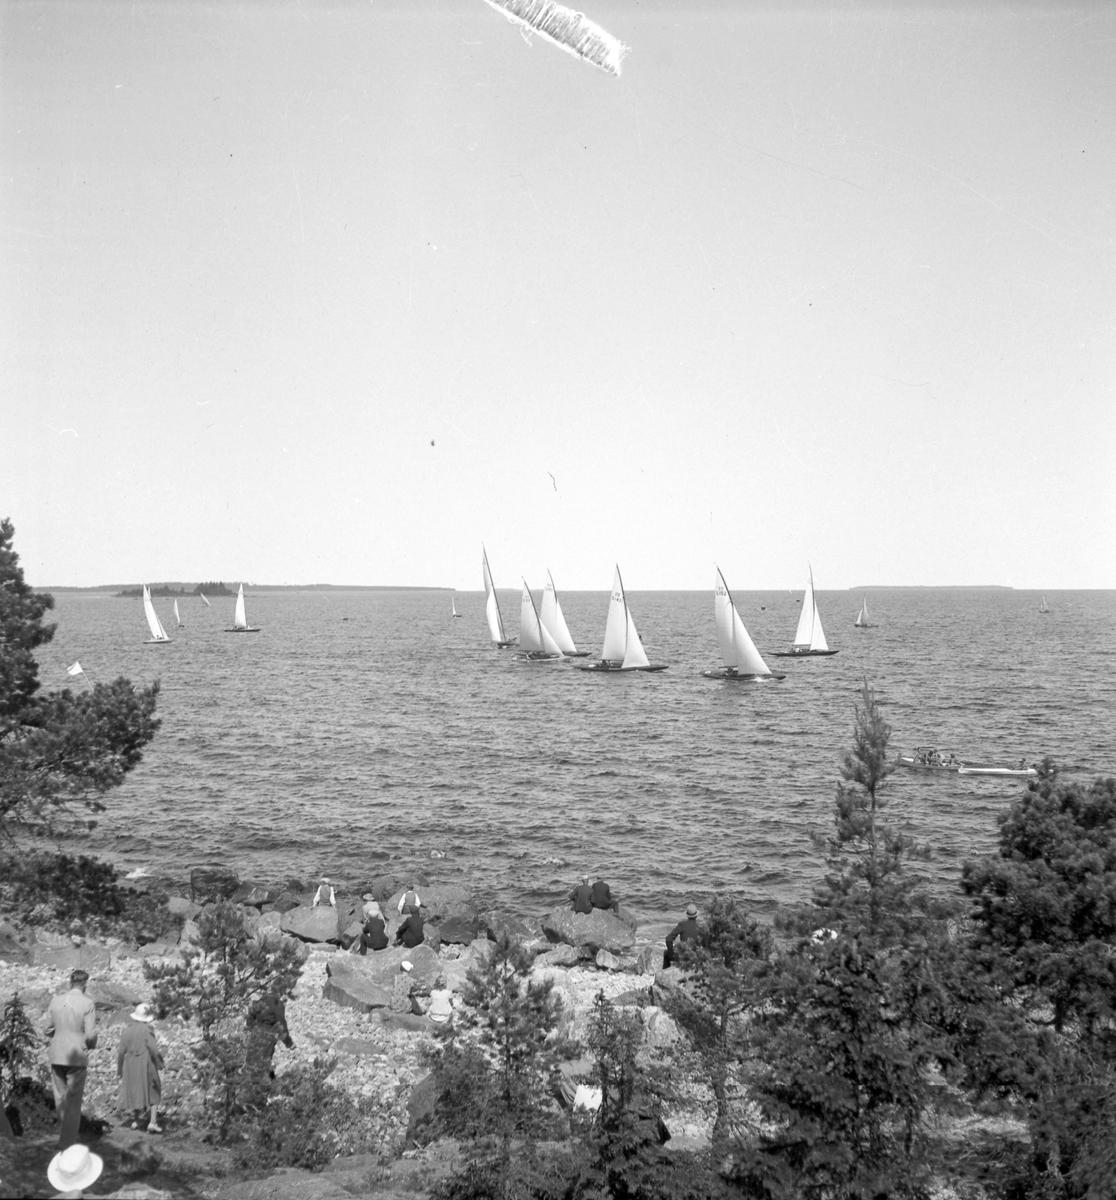 Furuskär  Furuviksparken invigdes pingstdagen 1936.  Segelbåtstävling